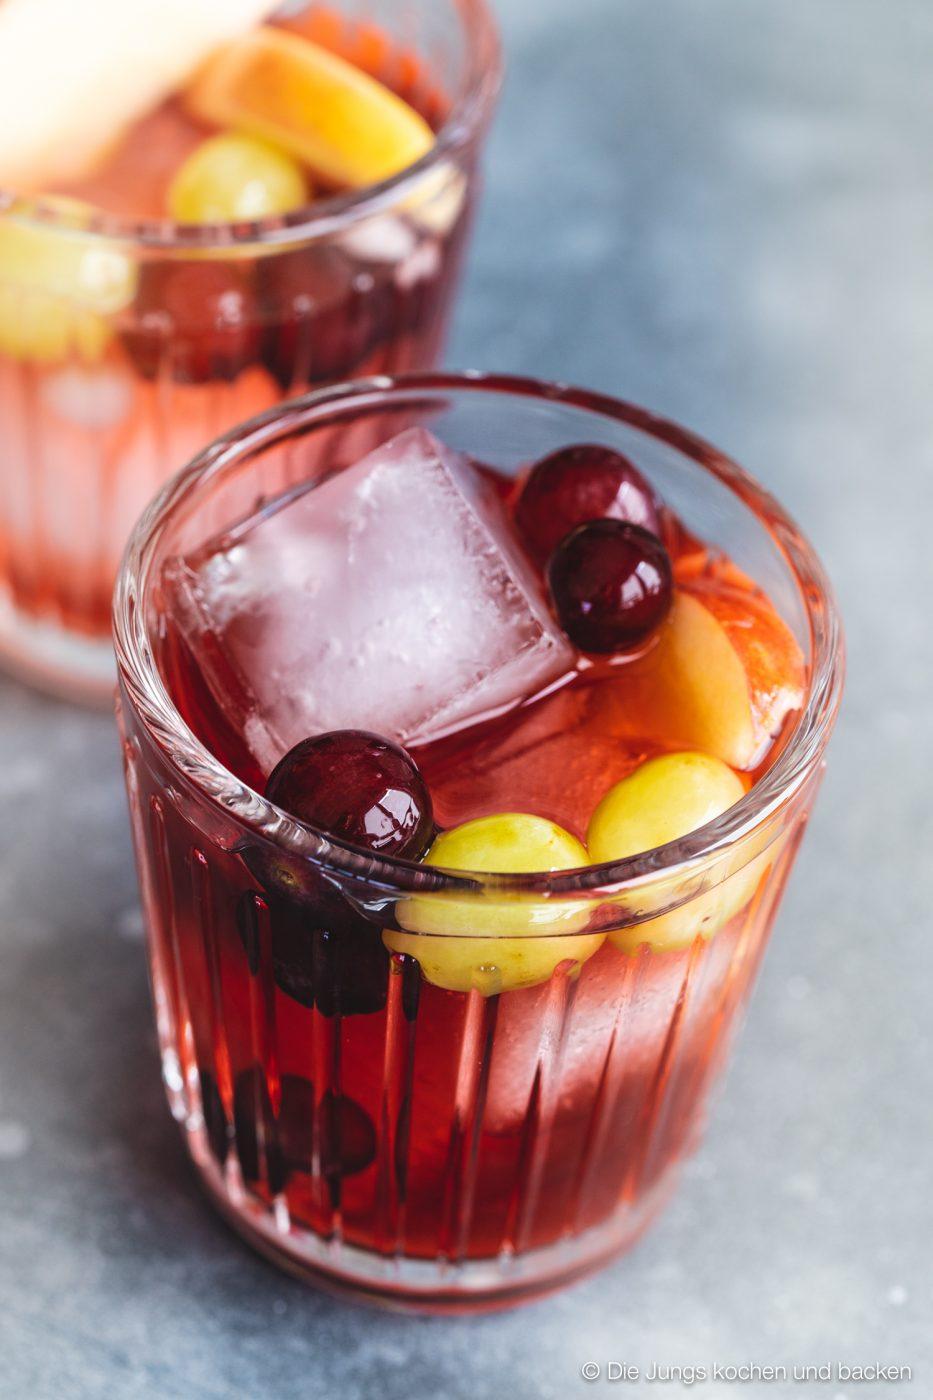 Bowle Saft 7 | Heute haben wir eine wunderbar fruchtige Bowle für euch dabei! Gerade an den warmen Tagen ist man doch für jede Abkühlung dankbar, oder? Aber warum irgendetwas trinken?! Eine erfrischende, alkoholfreie Bowle bringt euch perfekt durch den Tag. Deswegen solltet ihr unbedingt unsere Apfel-Trauben-Bowle mit Ginger Ale und Holunderbeere probieren.